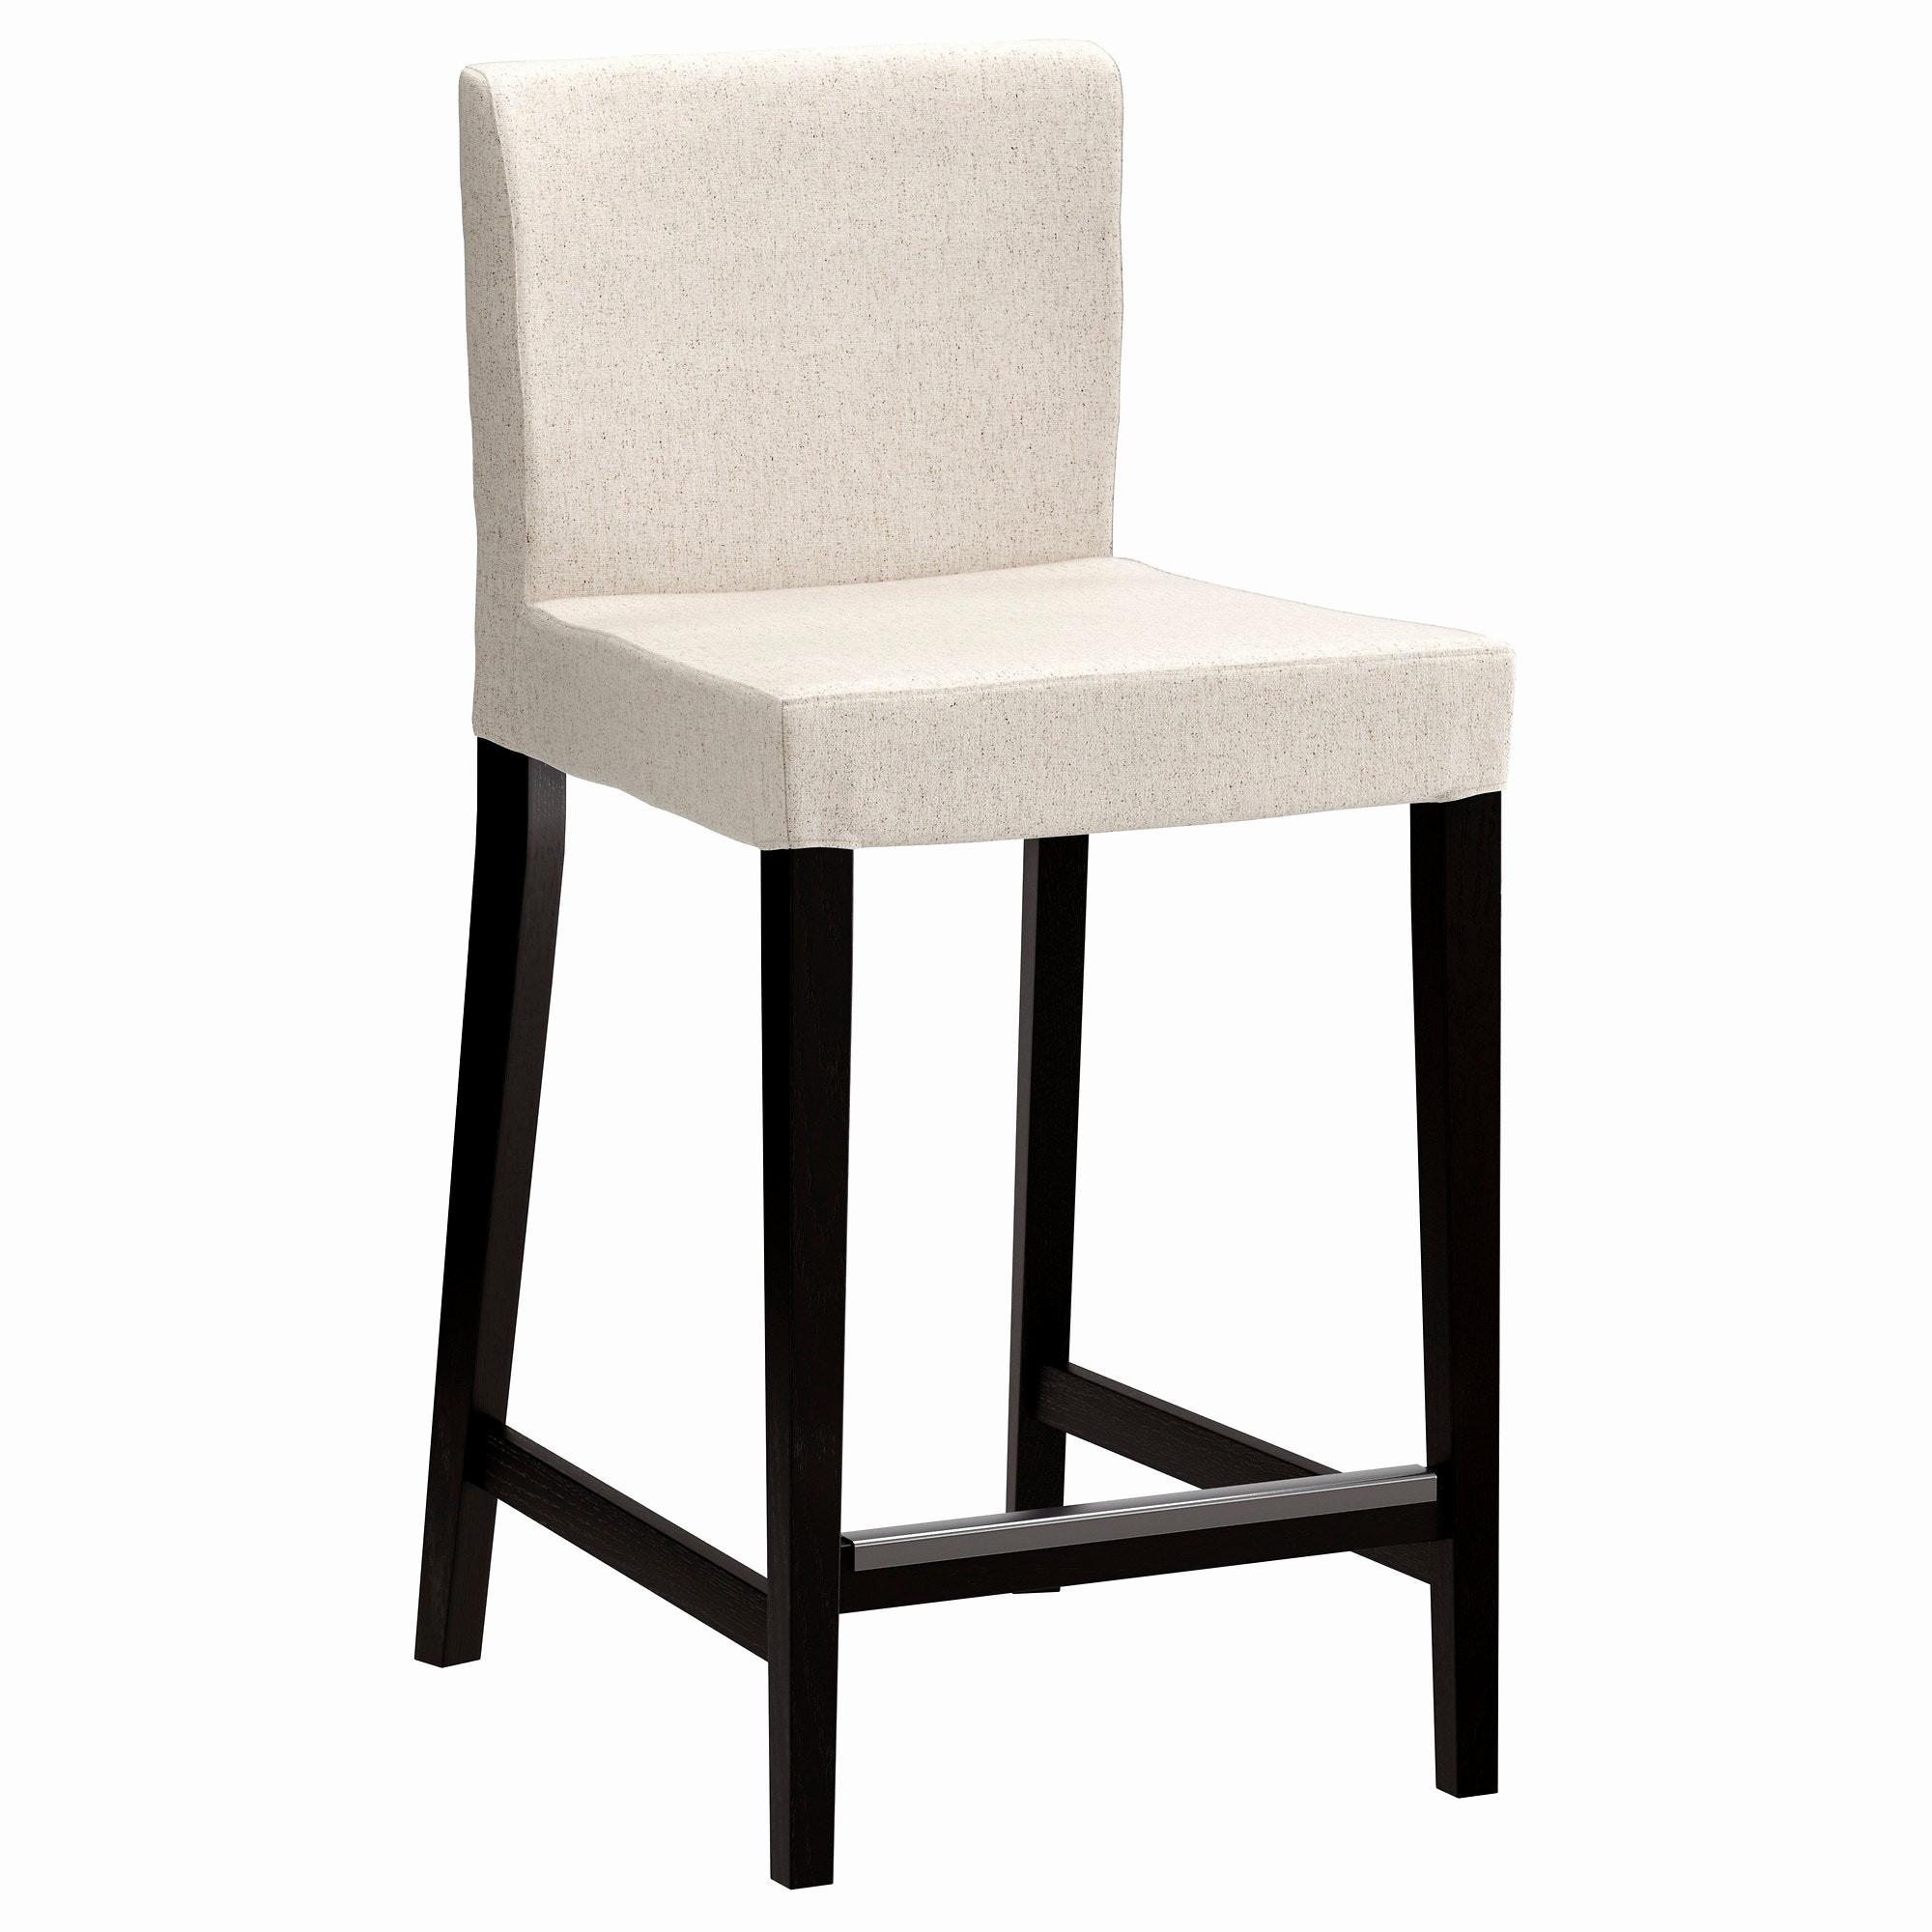 Chaises De Jardin Ikea Frais Image Chaise De Jardin Ikea